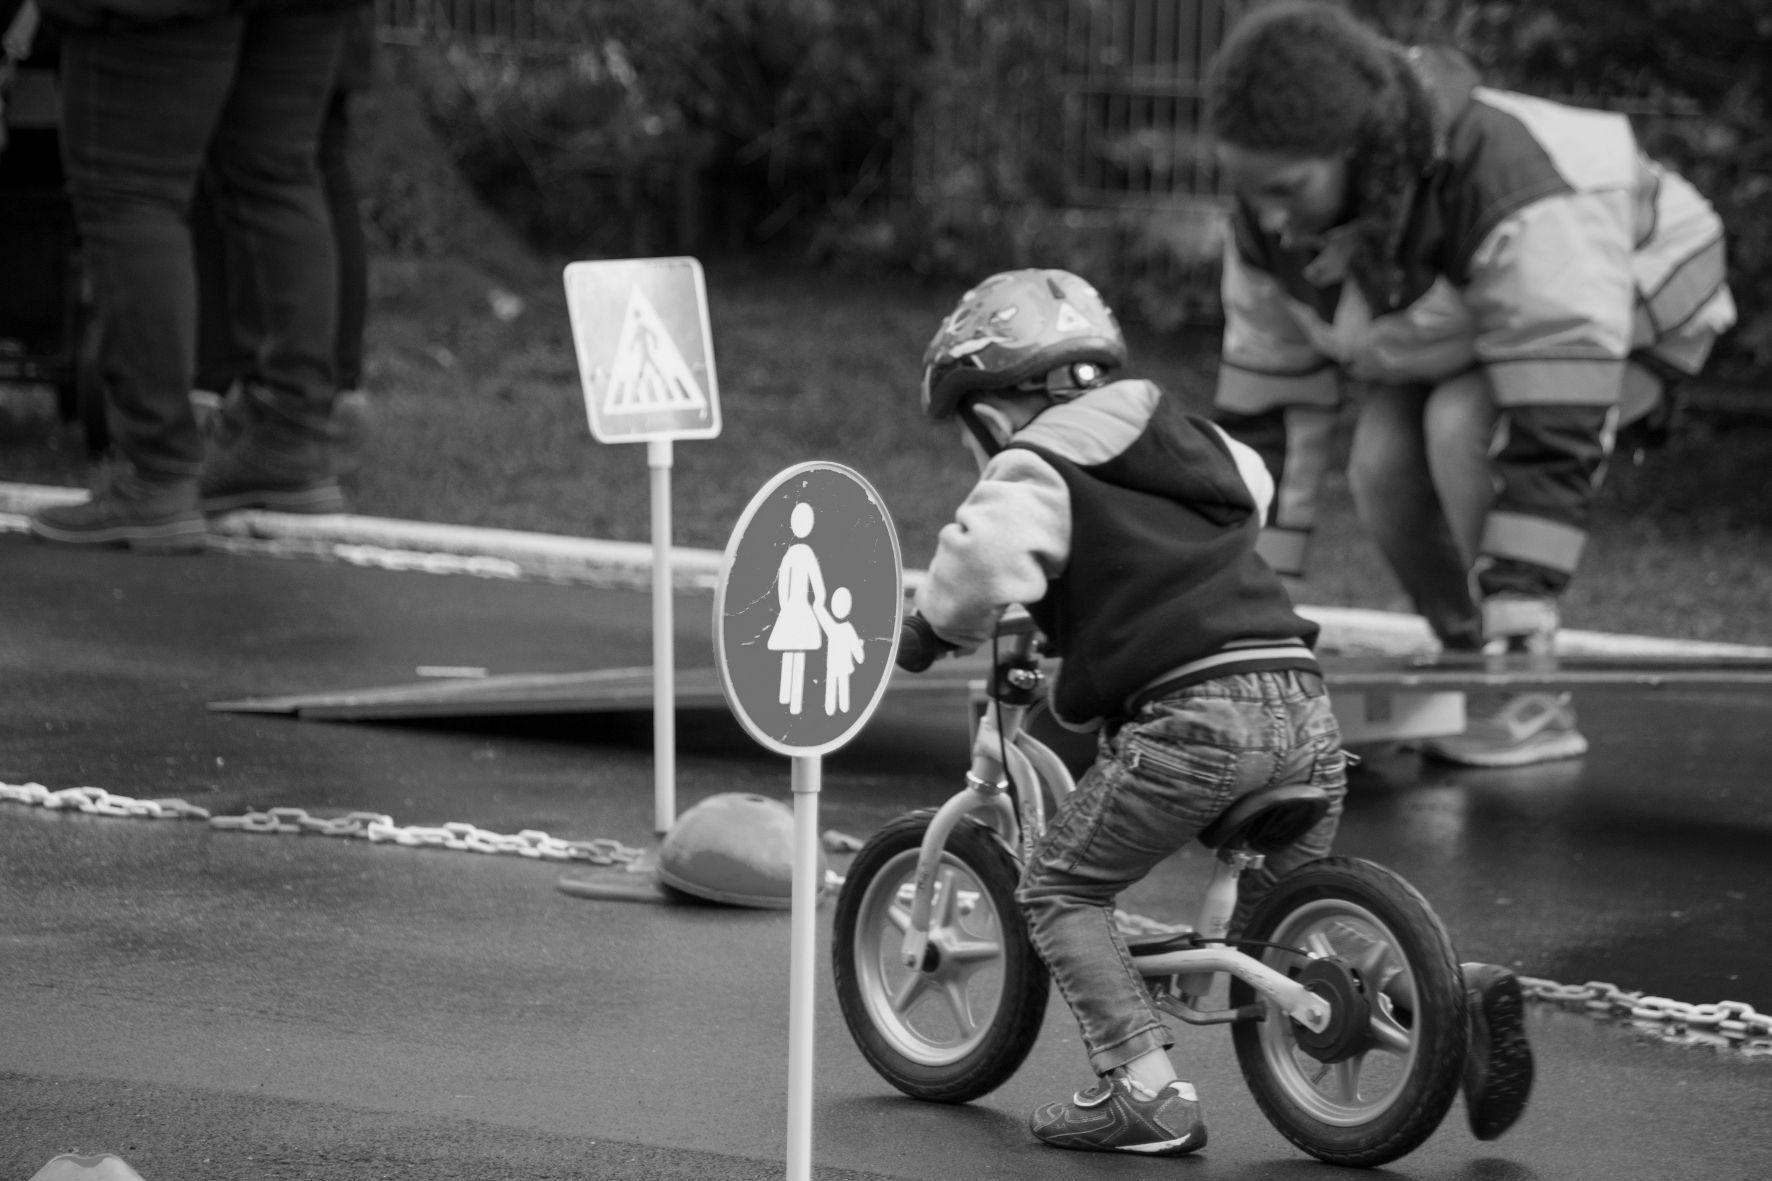 mid Groß-Gerau - Die Verkehrserziehung bei Kindern sollte schon im Alter von drei Jahren beginnen.